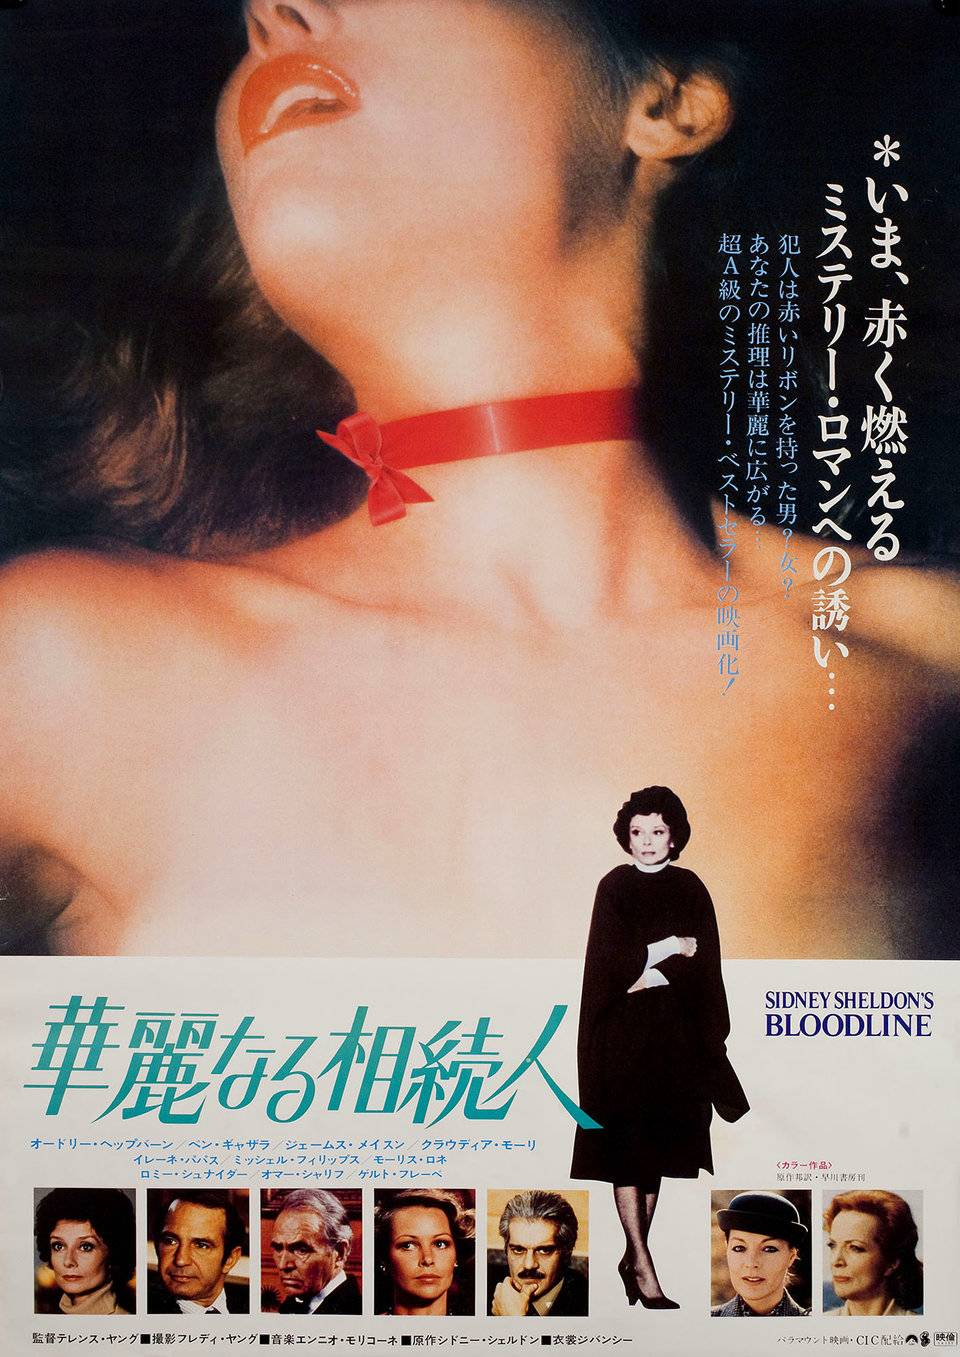 Bloodline [Liés par le sang] 1979